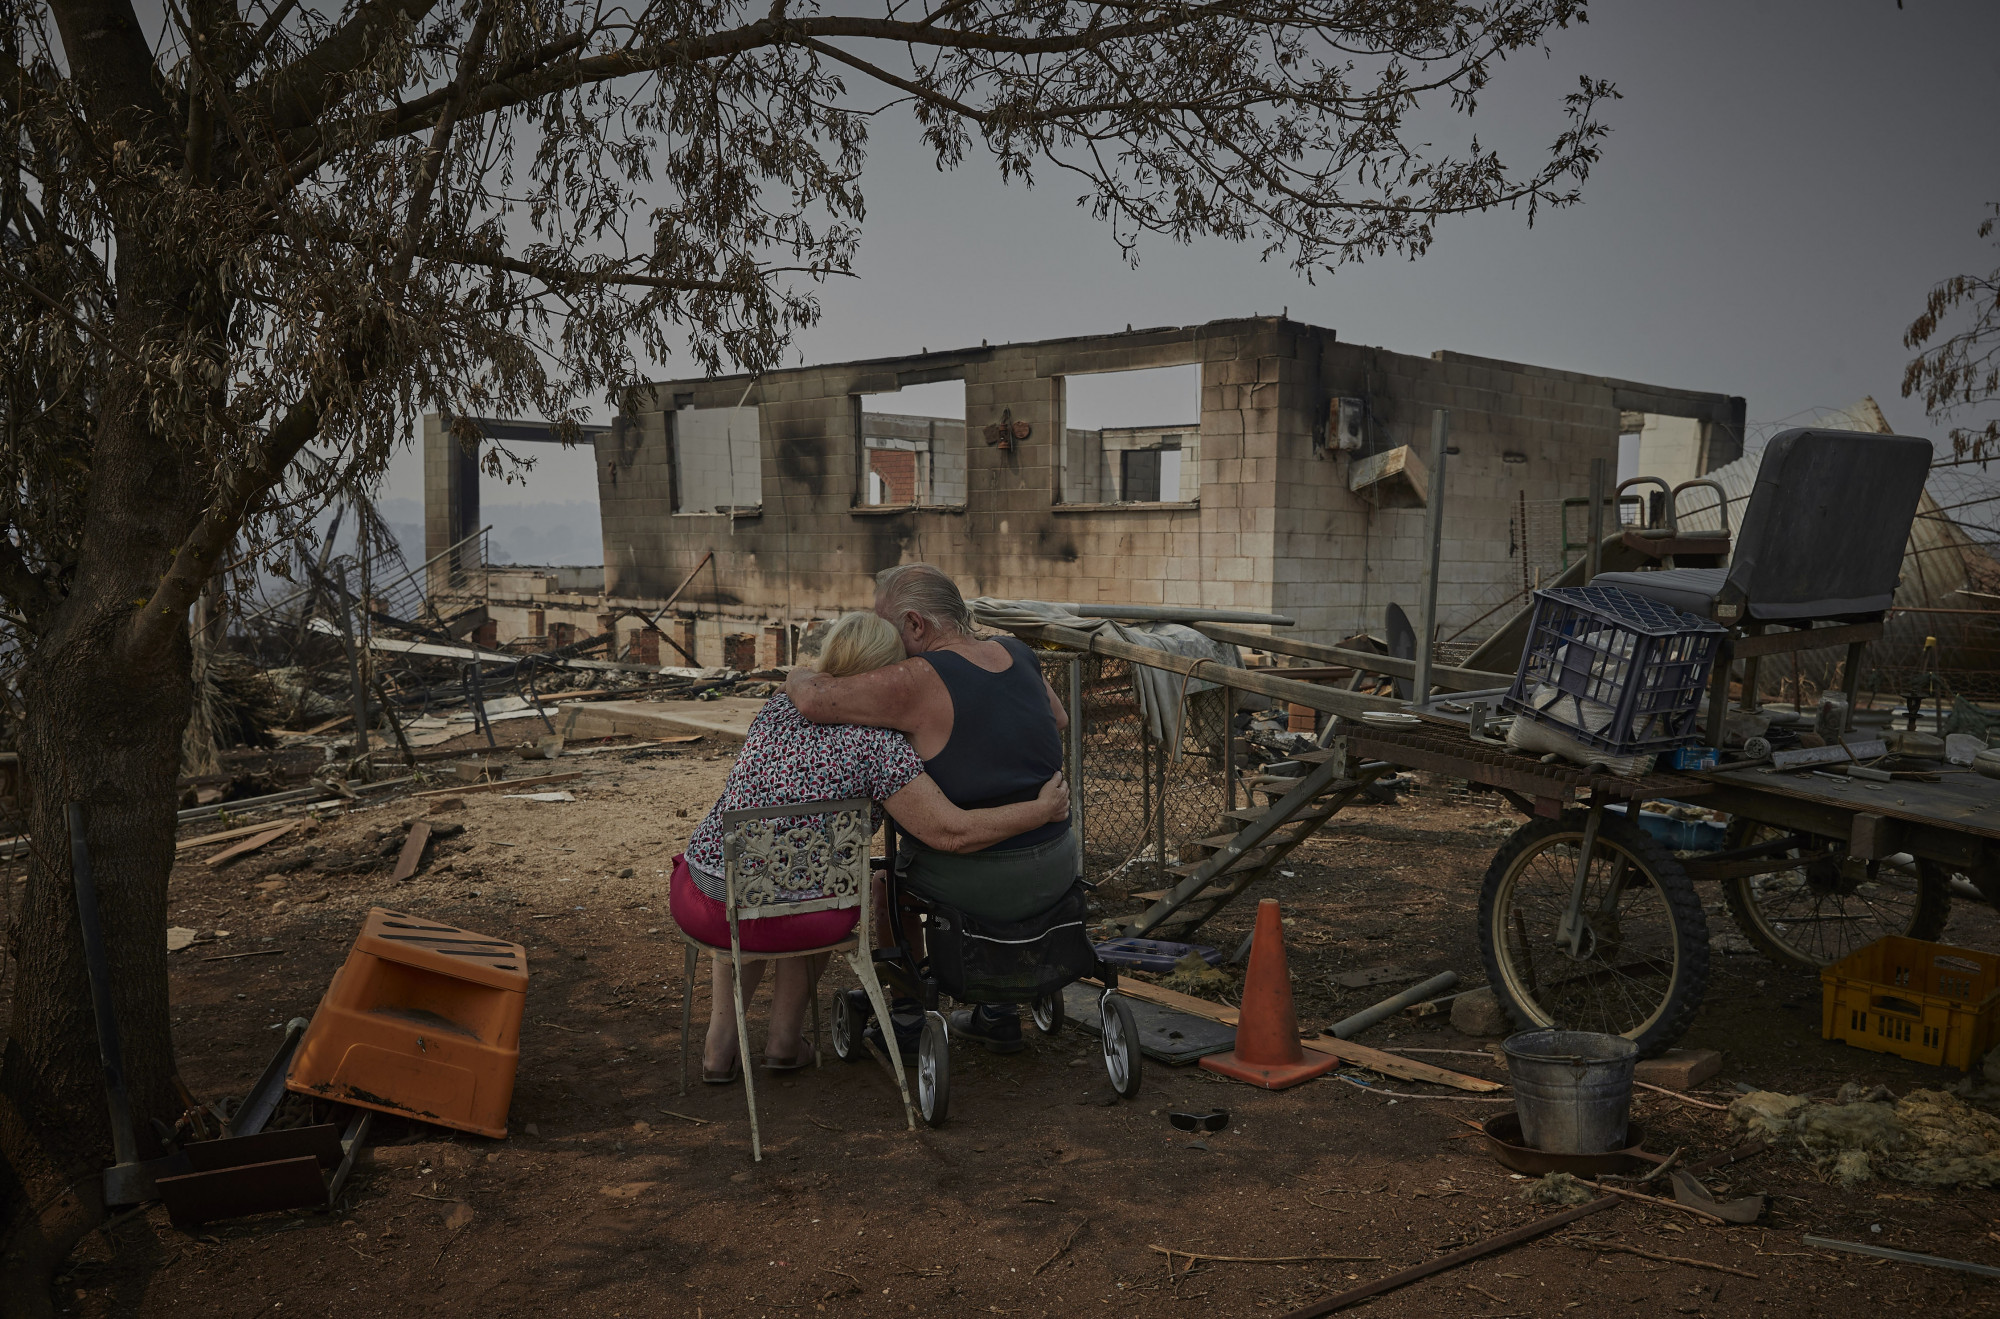 Bức ảnh của nhiếp ảnh gia Kiran Ridley thắng giải ảnh báo chí - câu chuyện nổi bật.